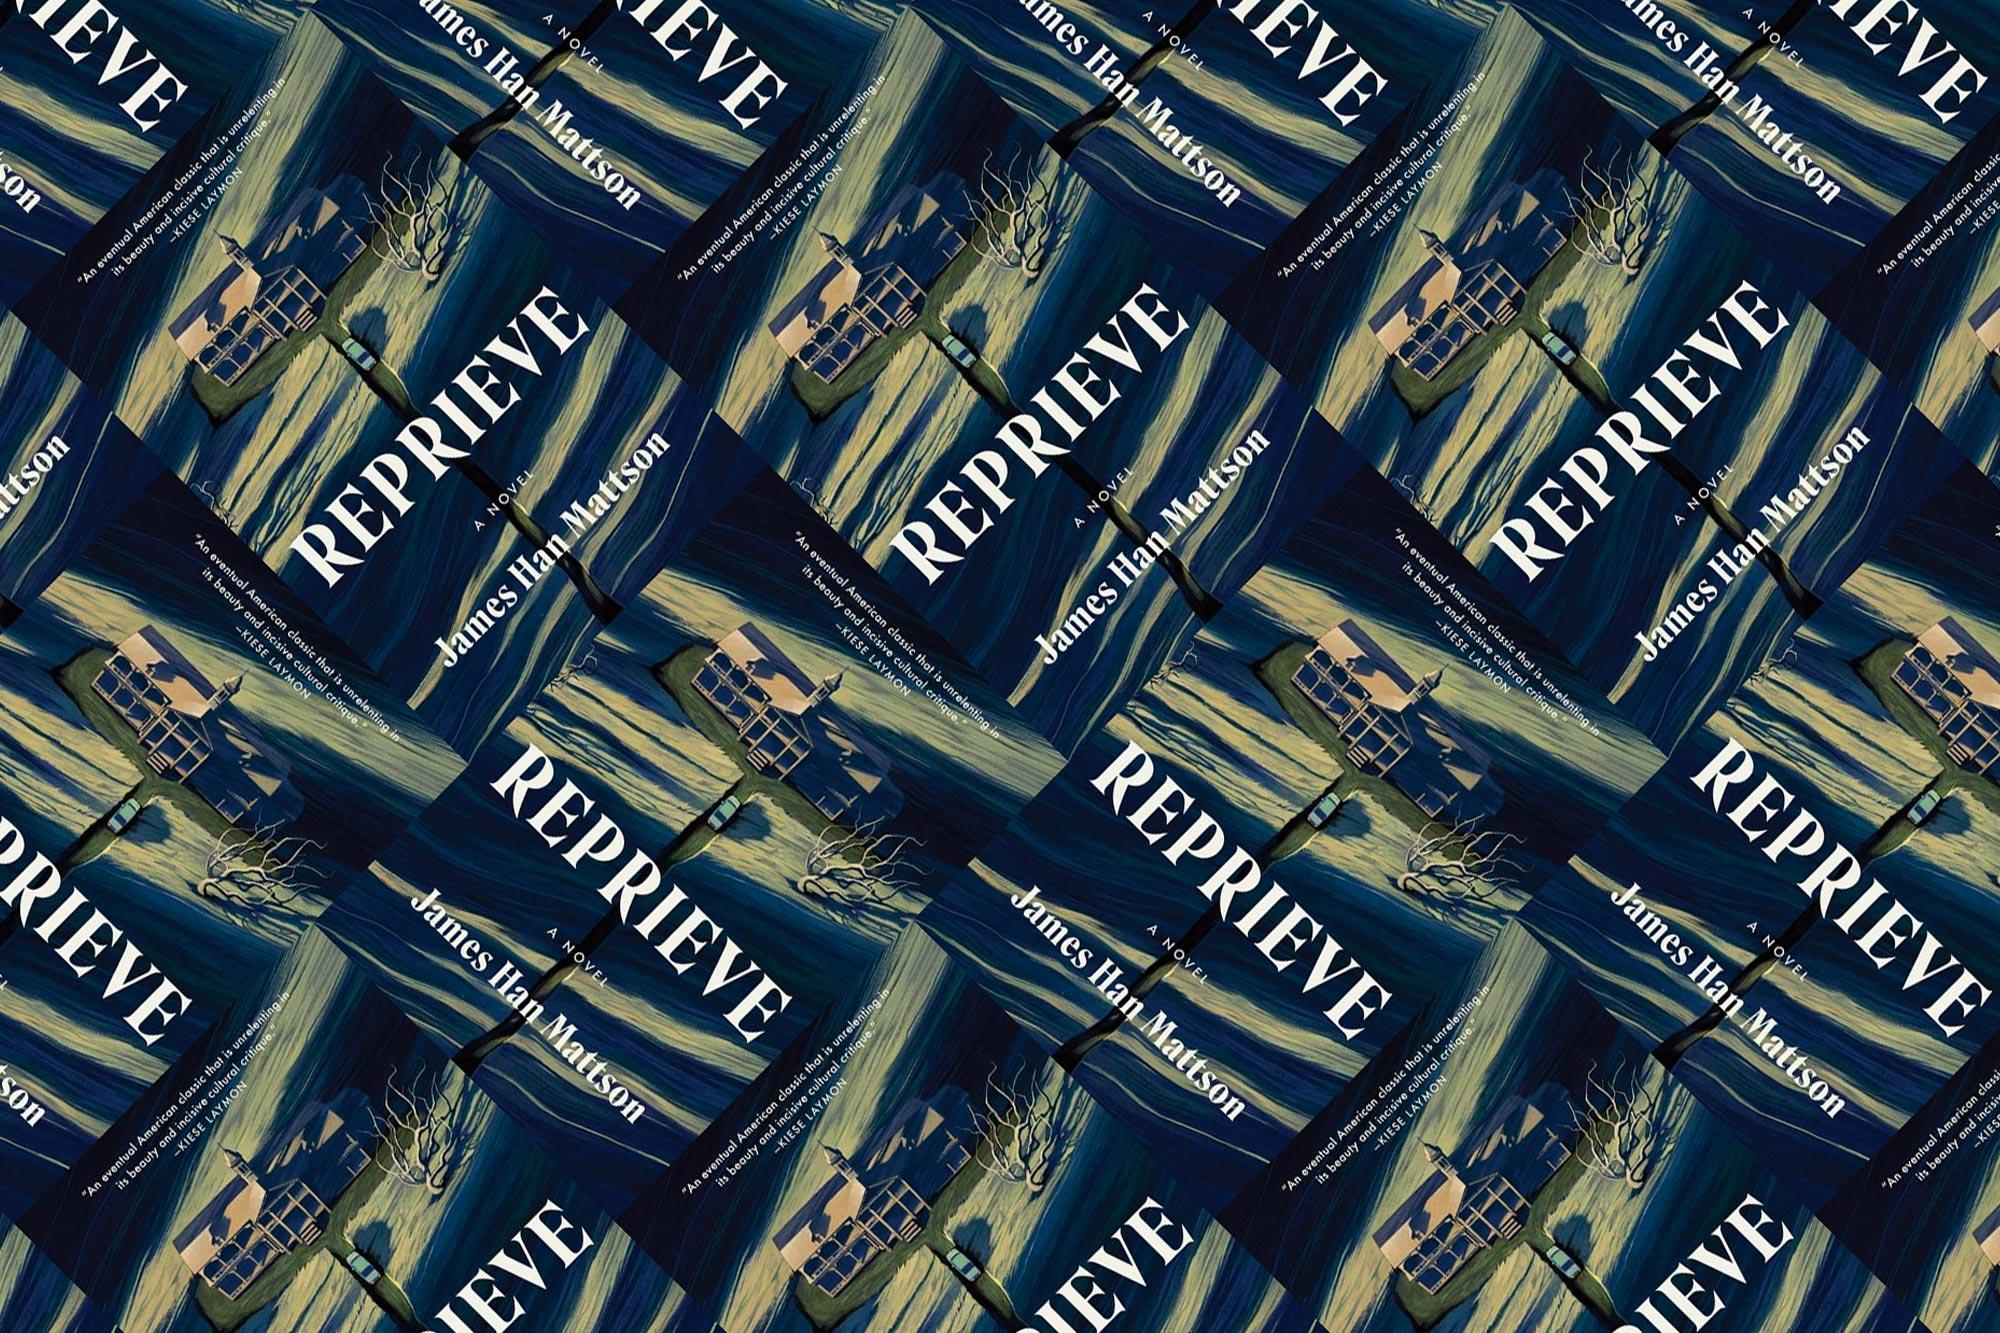 Reprieve: A Novel by James Han Mattson